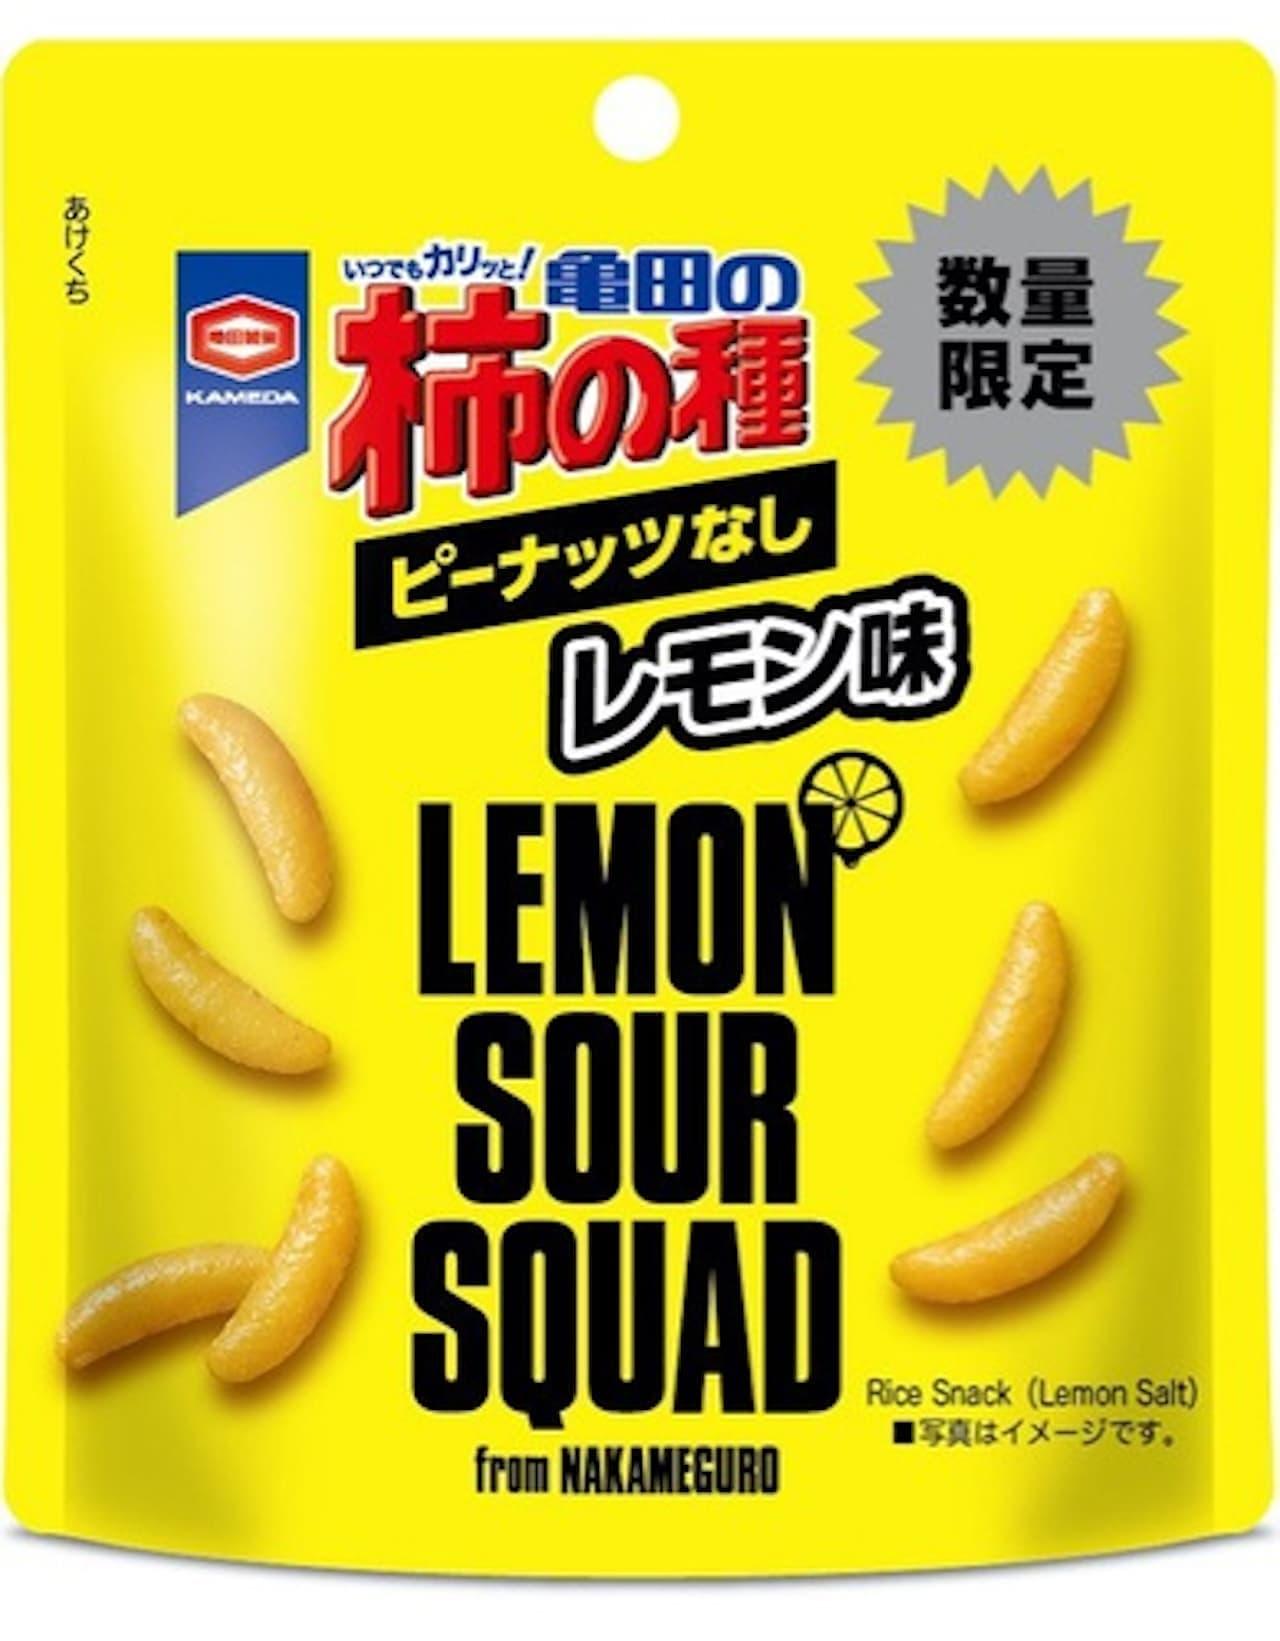 ローソン「亀田の柿の種 レモン味」